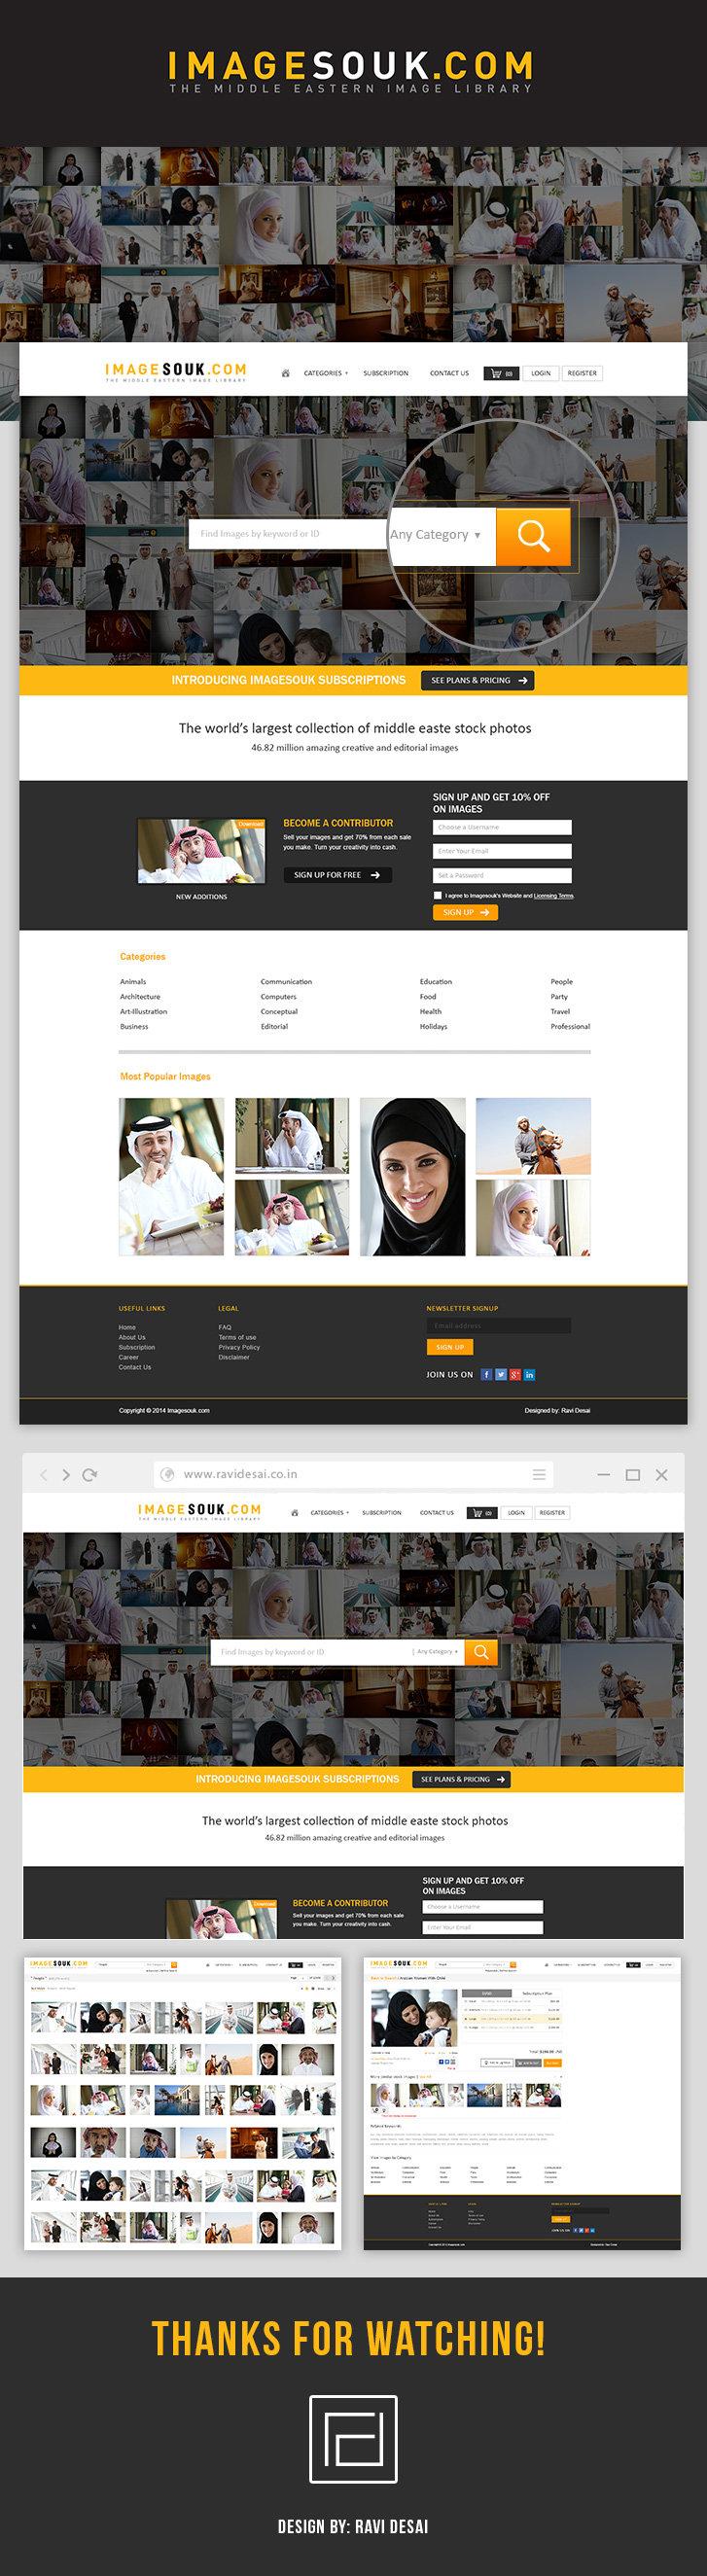 Imagesouk.com